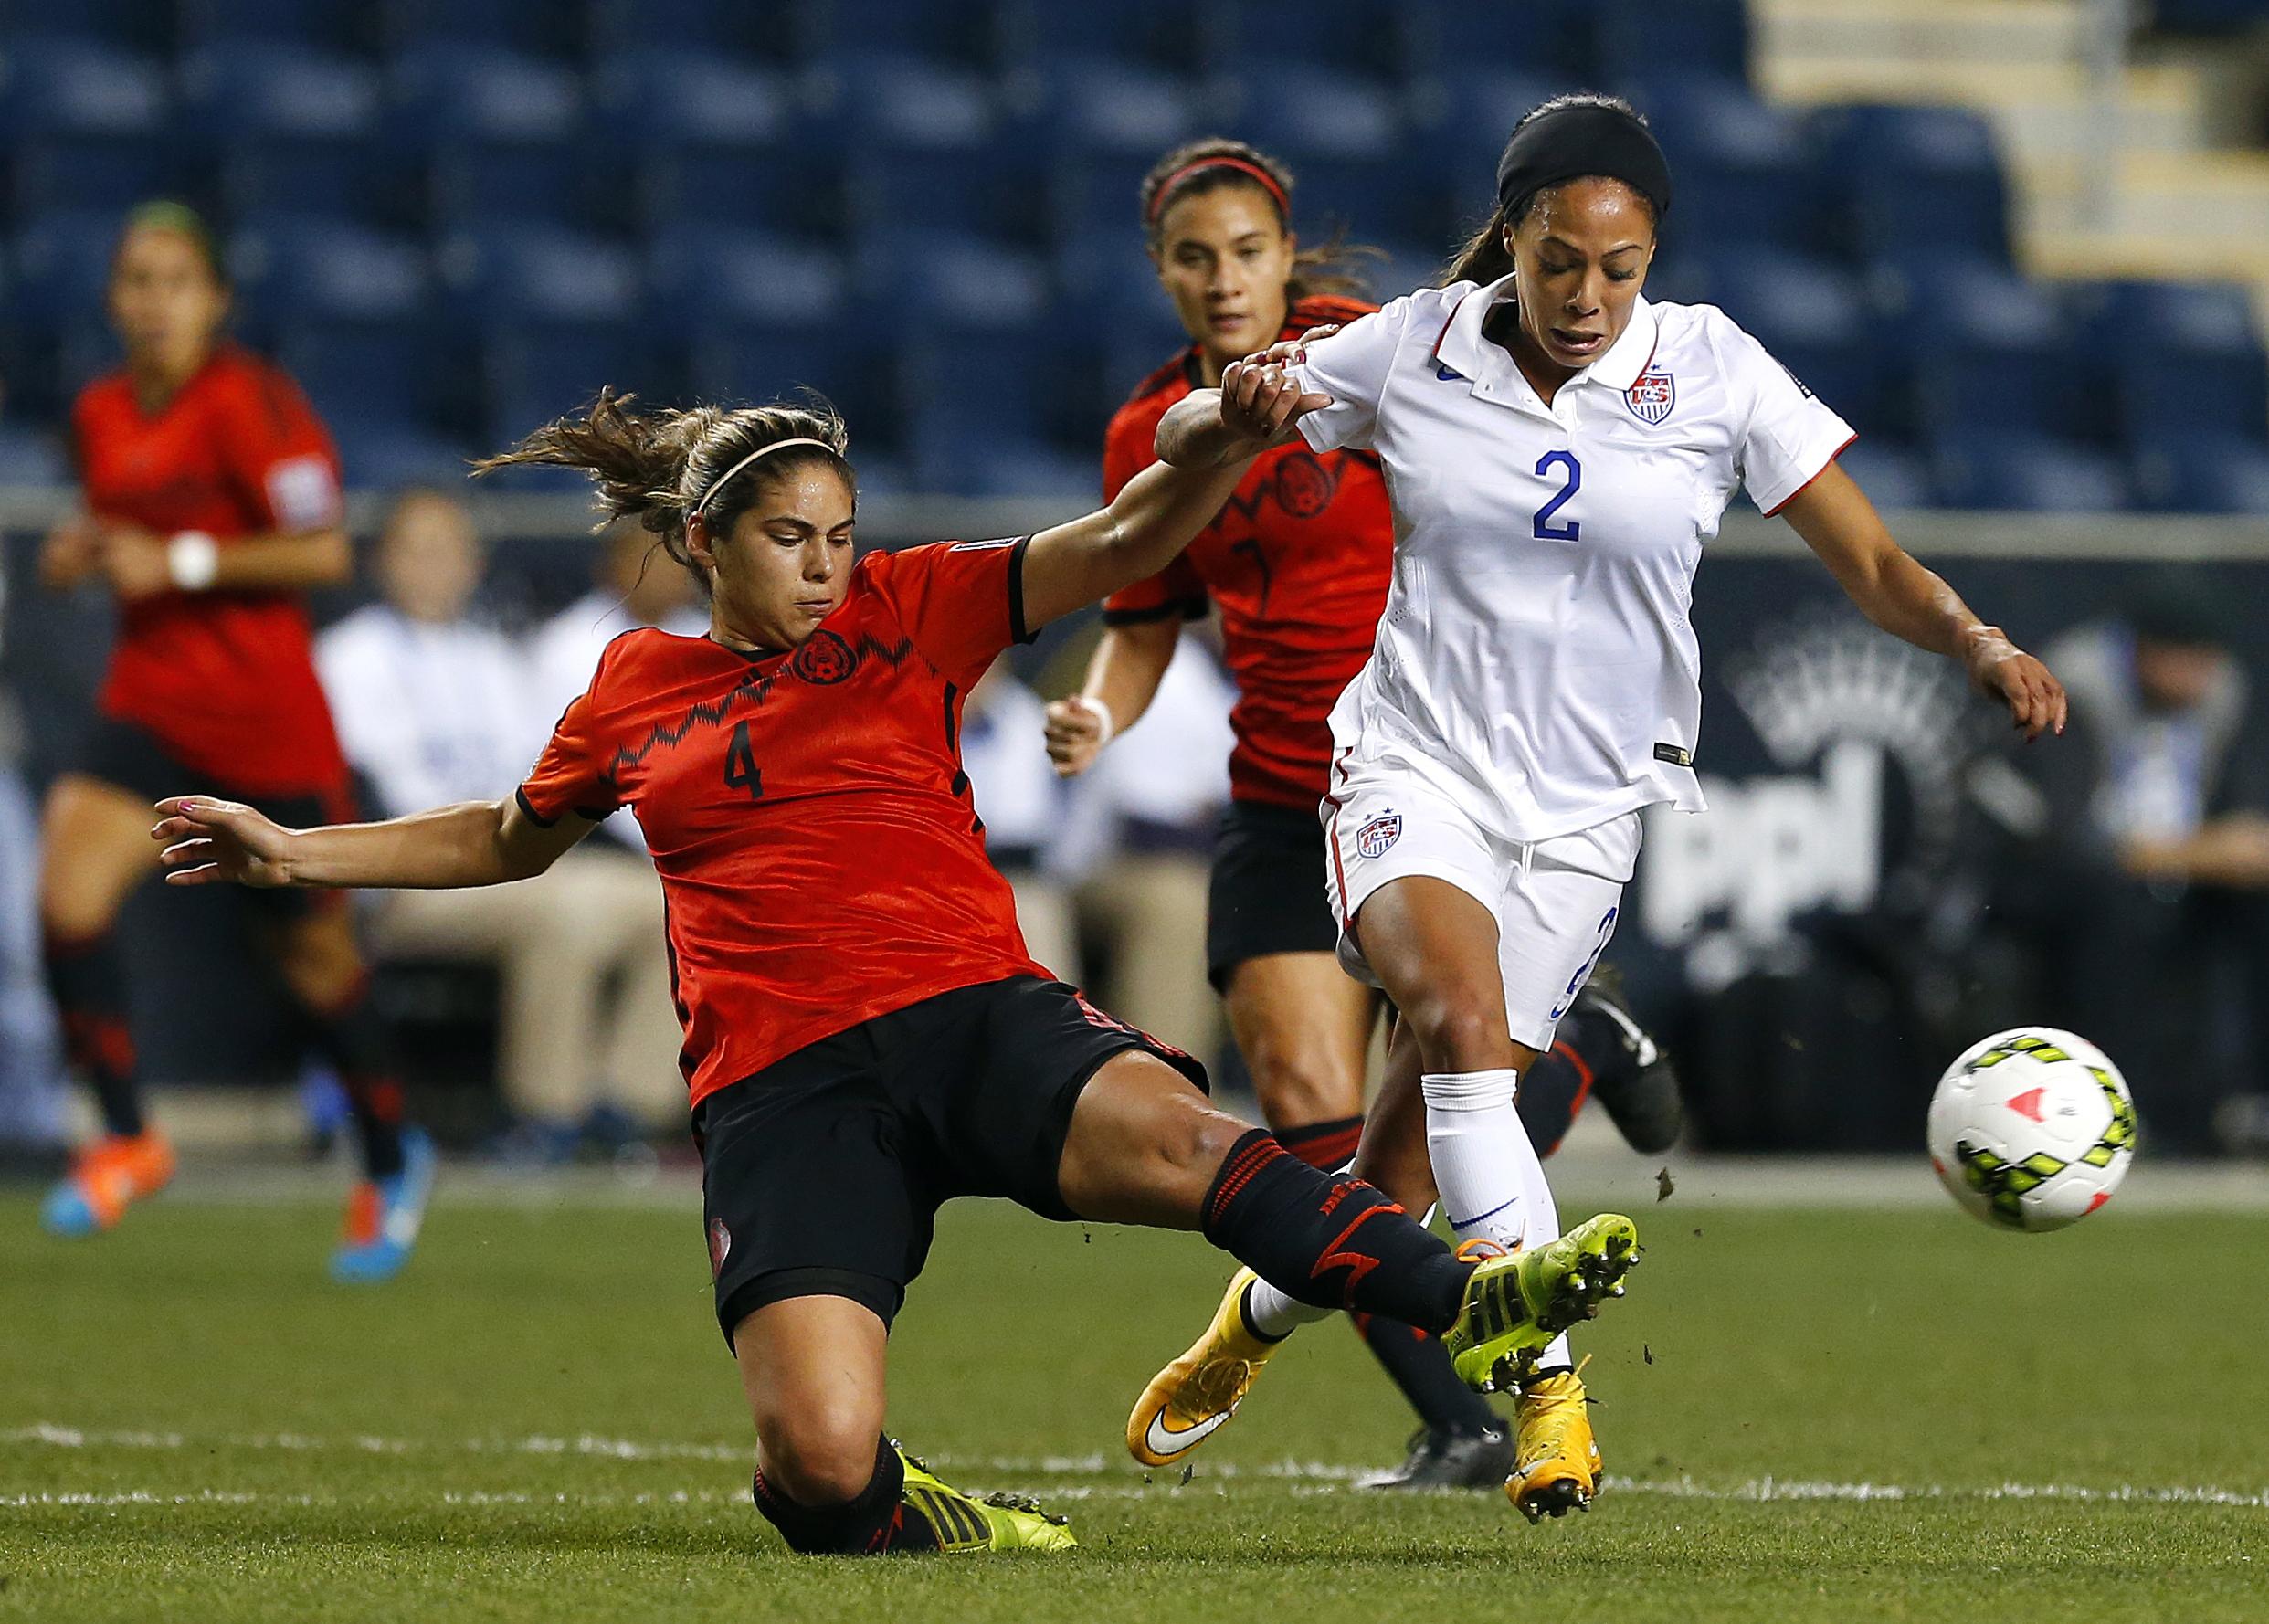 بازیکنان دو تیم مخالف در یک مسابقه فوتبال زنان برای کنترل توپ رقابت می کنند (عکس از آسوشیتدپرس)